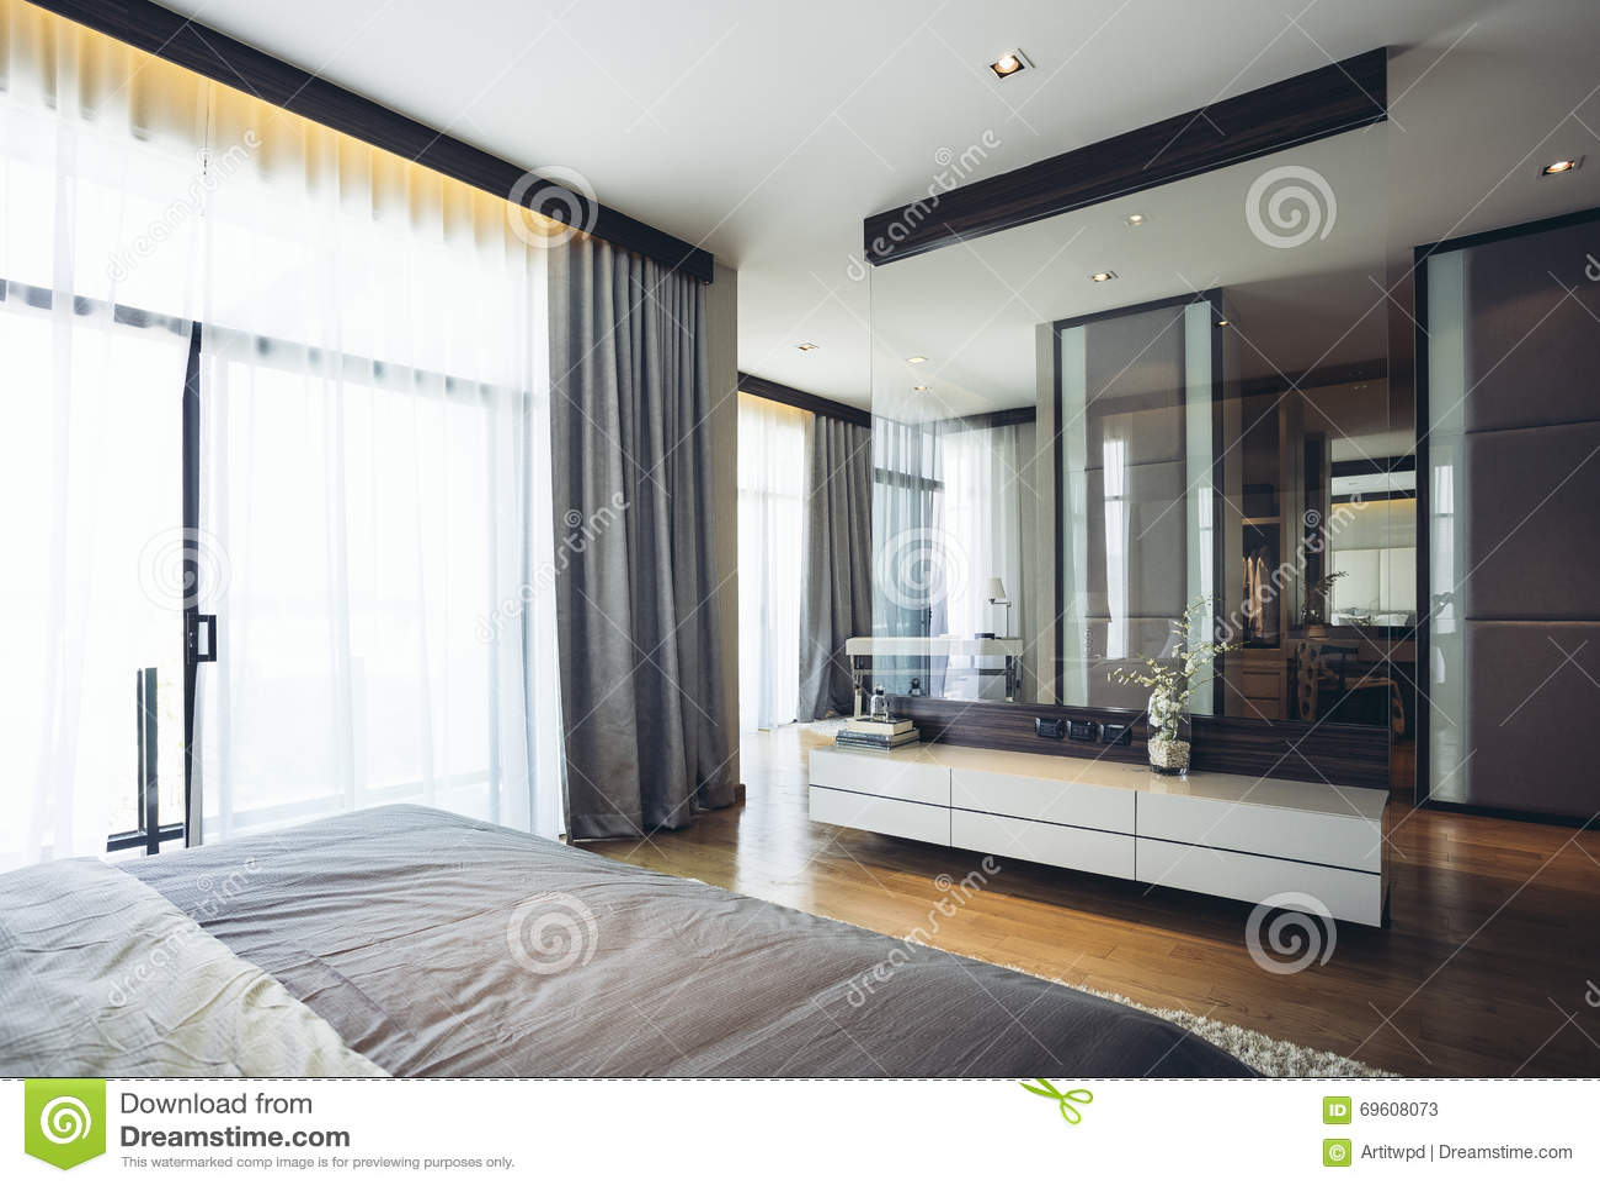 Quelle couleur pour cuisine moderne - Chambre blanche et grise ...